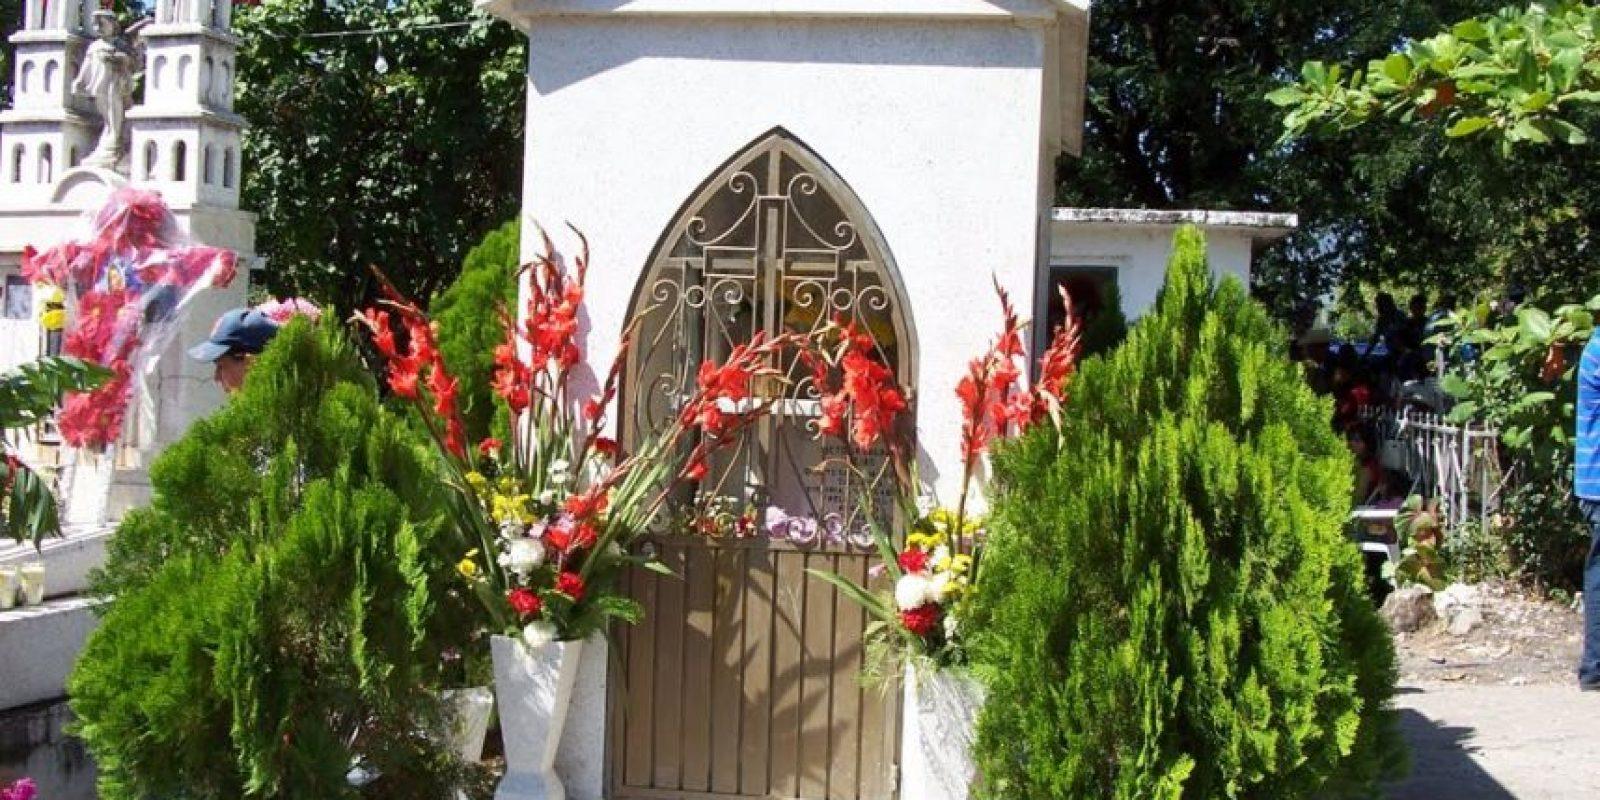 Esta es la tumba donde descansan los restos de su madre, Victoria Valadez, en Parácuaro, Michoacán